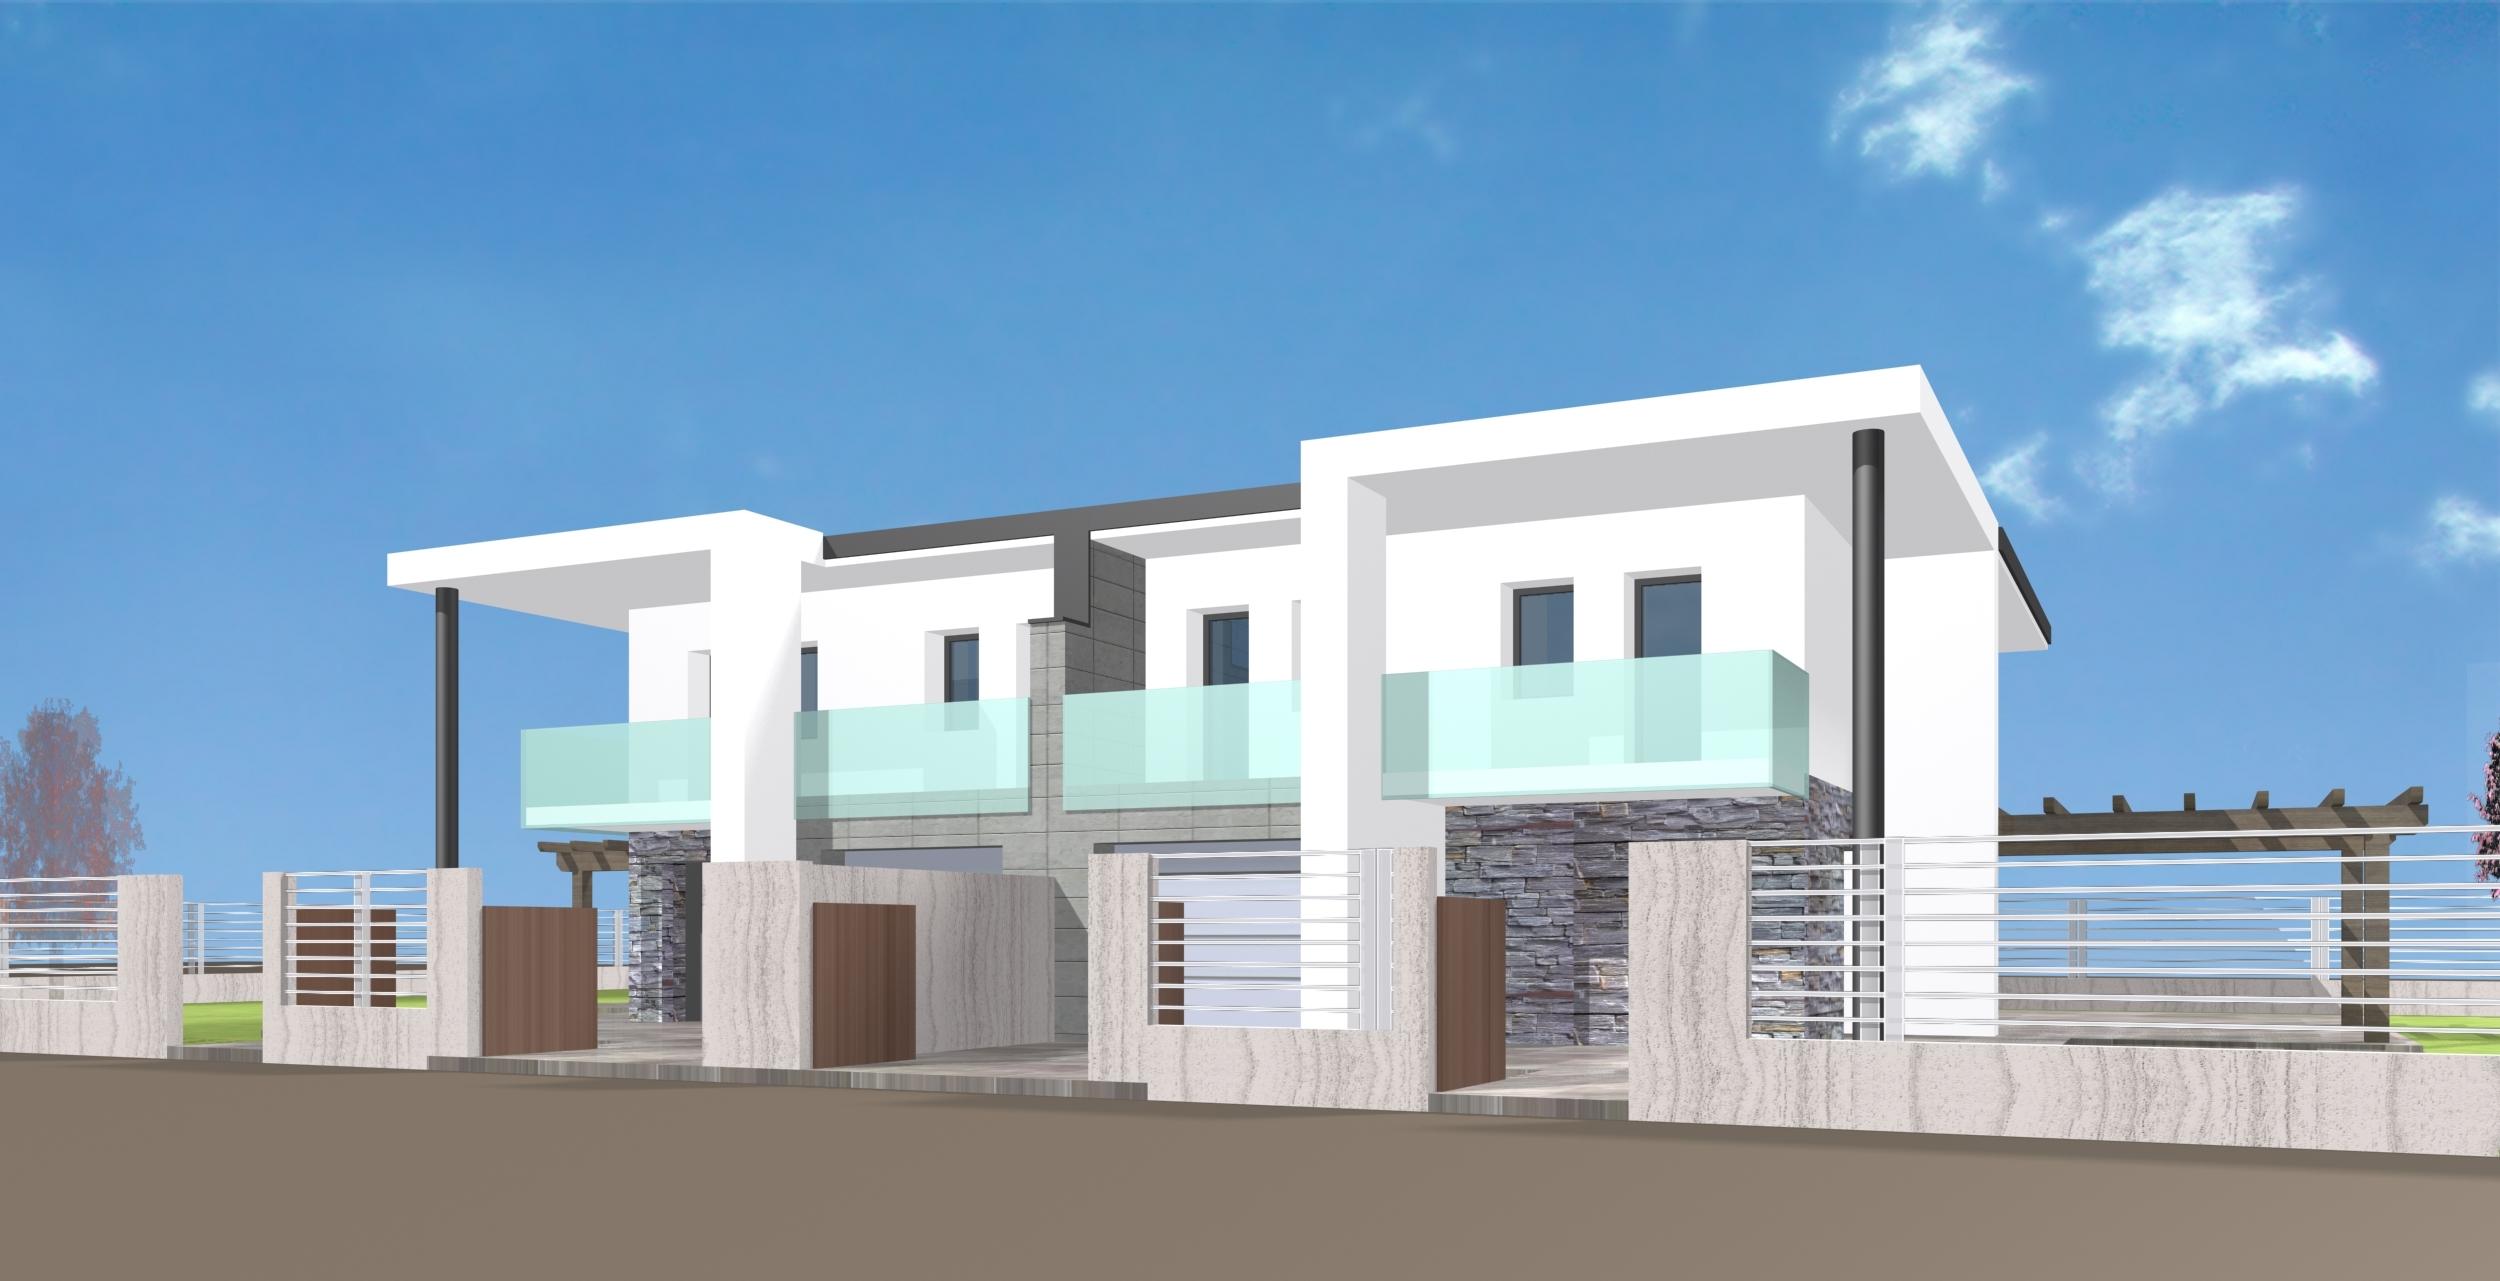 Porzioni di bifamiliare nel quartiere piu ricercato di limena immobiliare progetto - Progetto di casa moderna ...